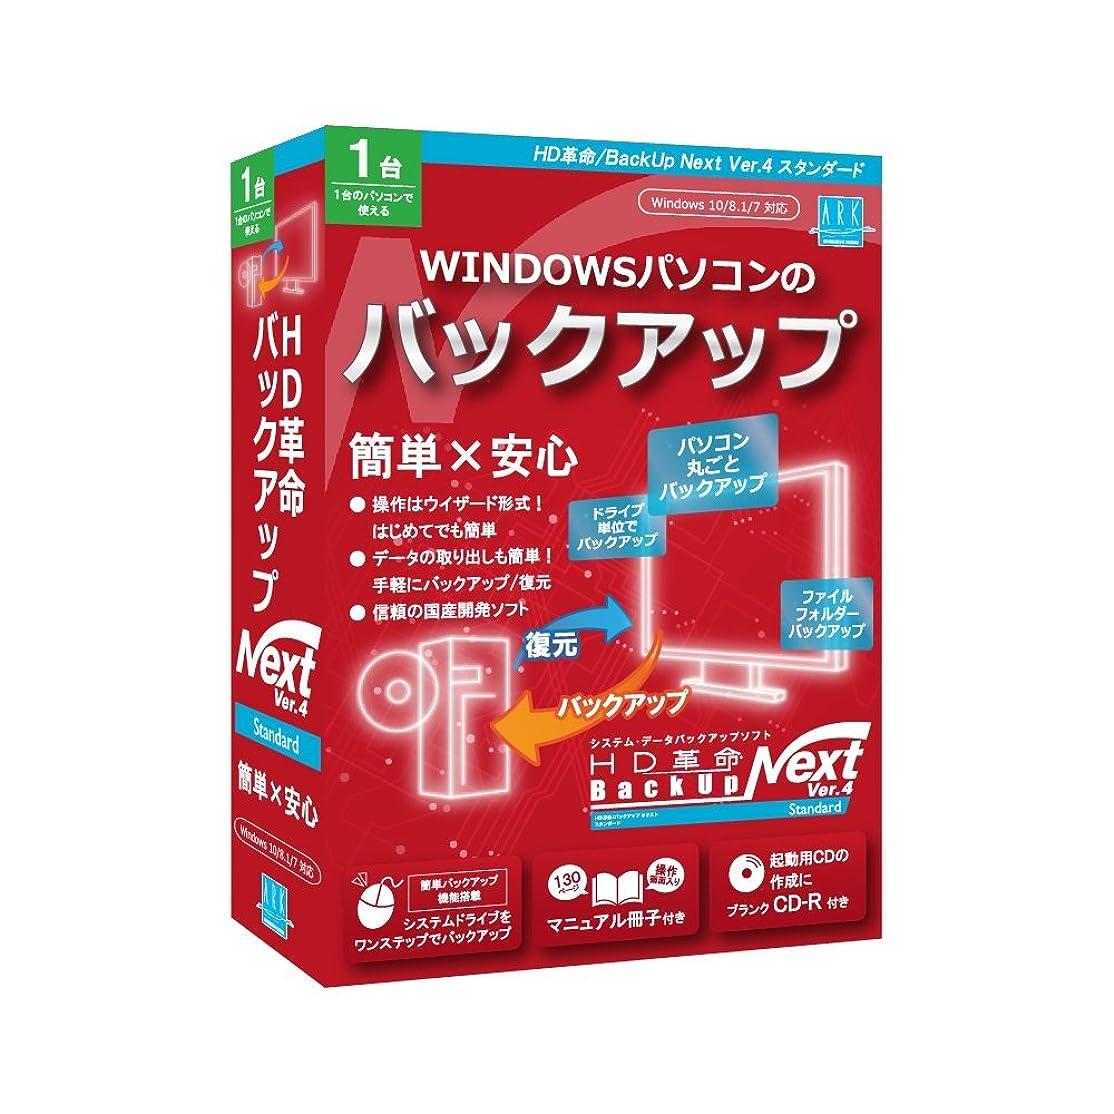 コア受動的自体HD革命/BackUp Next Ver.4_Standard_通常版_1台用 パソコンデータ バックアップ 復元 簡単操作 バックアップソフト